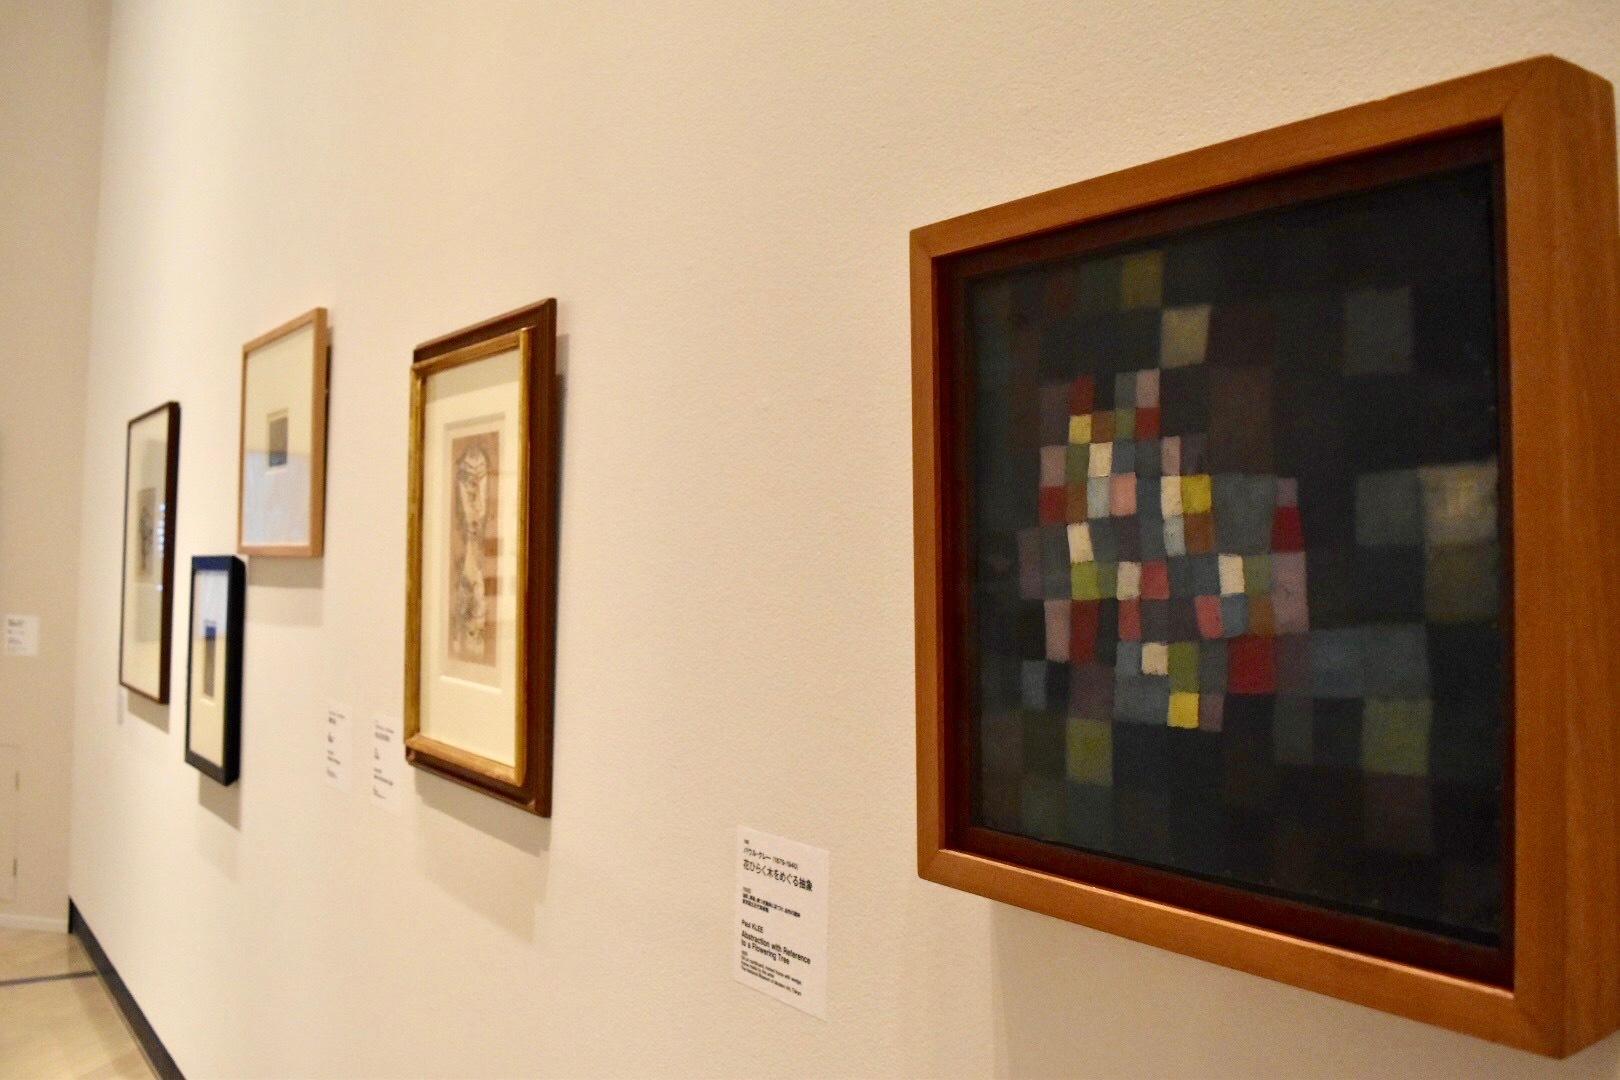 《花ひらく木をめぐる抽象》 パウル・クレー 1925年 東京国立近代美術館